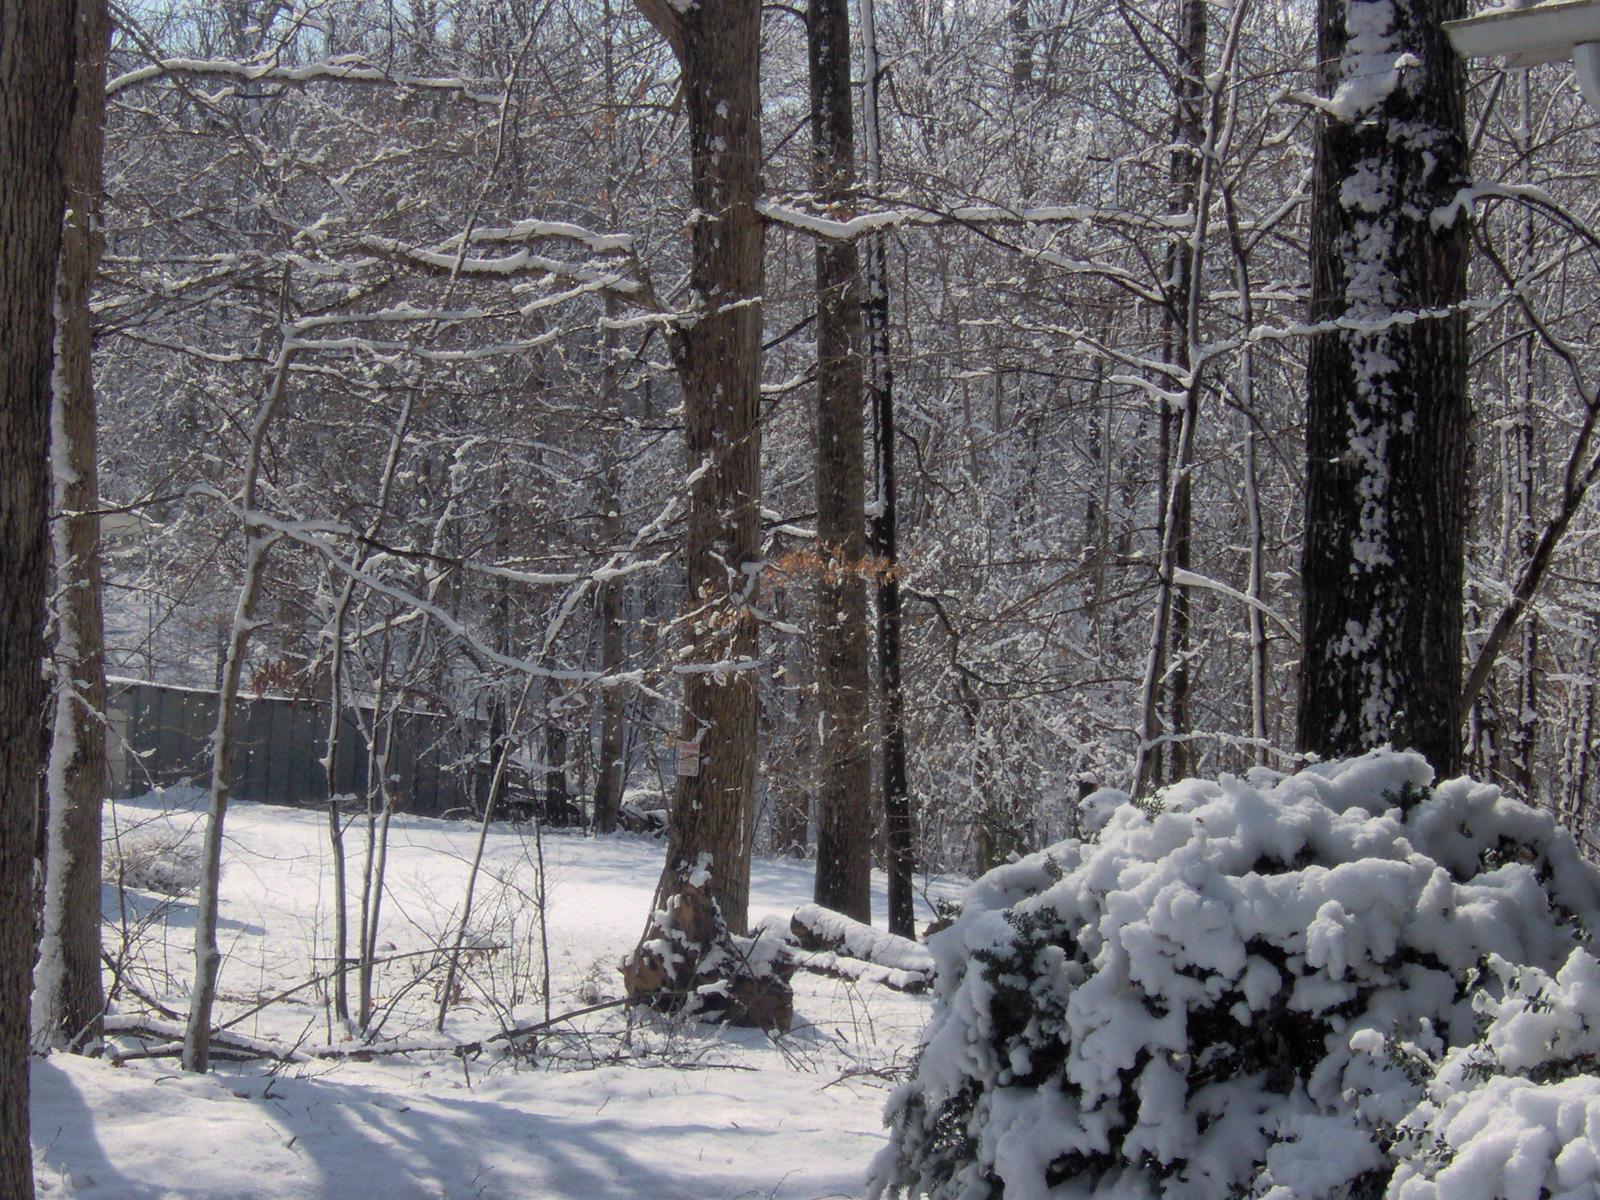 A Little Bit of Snow by seiyastock